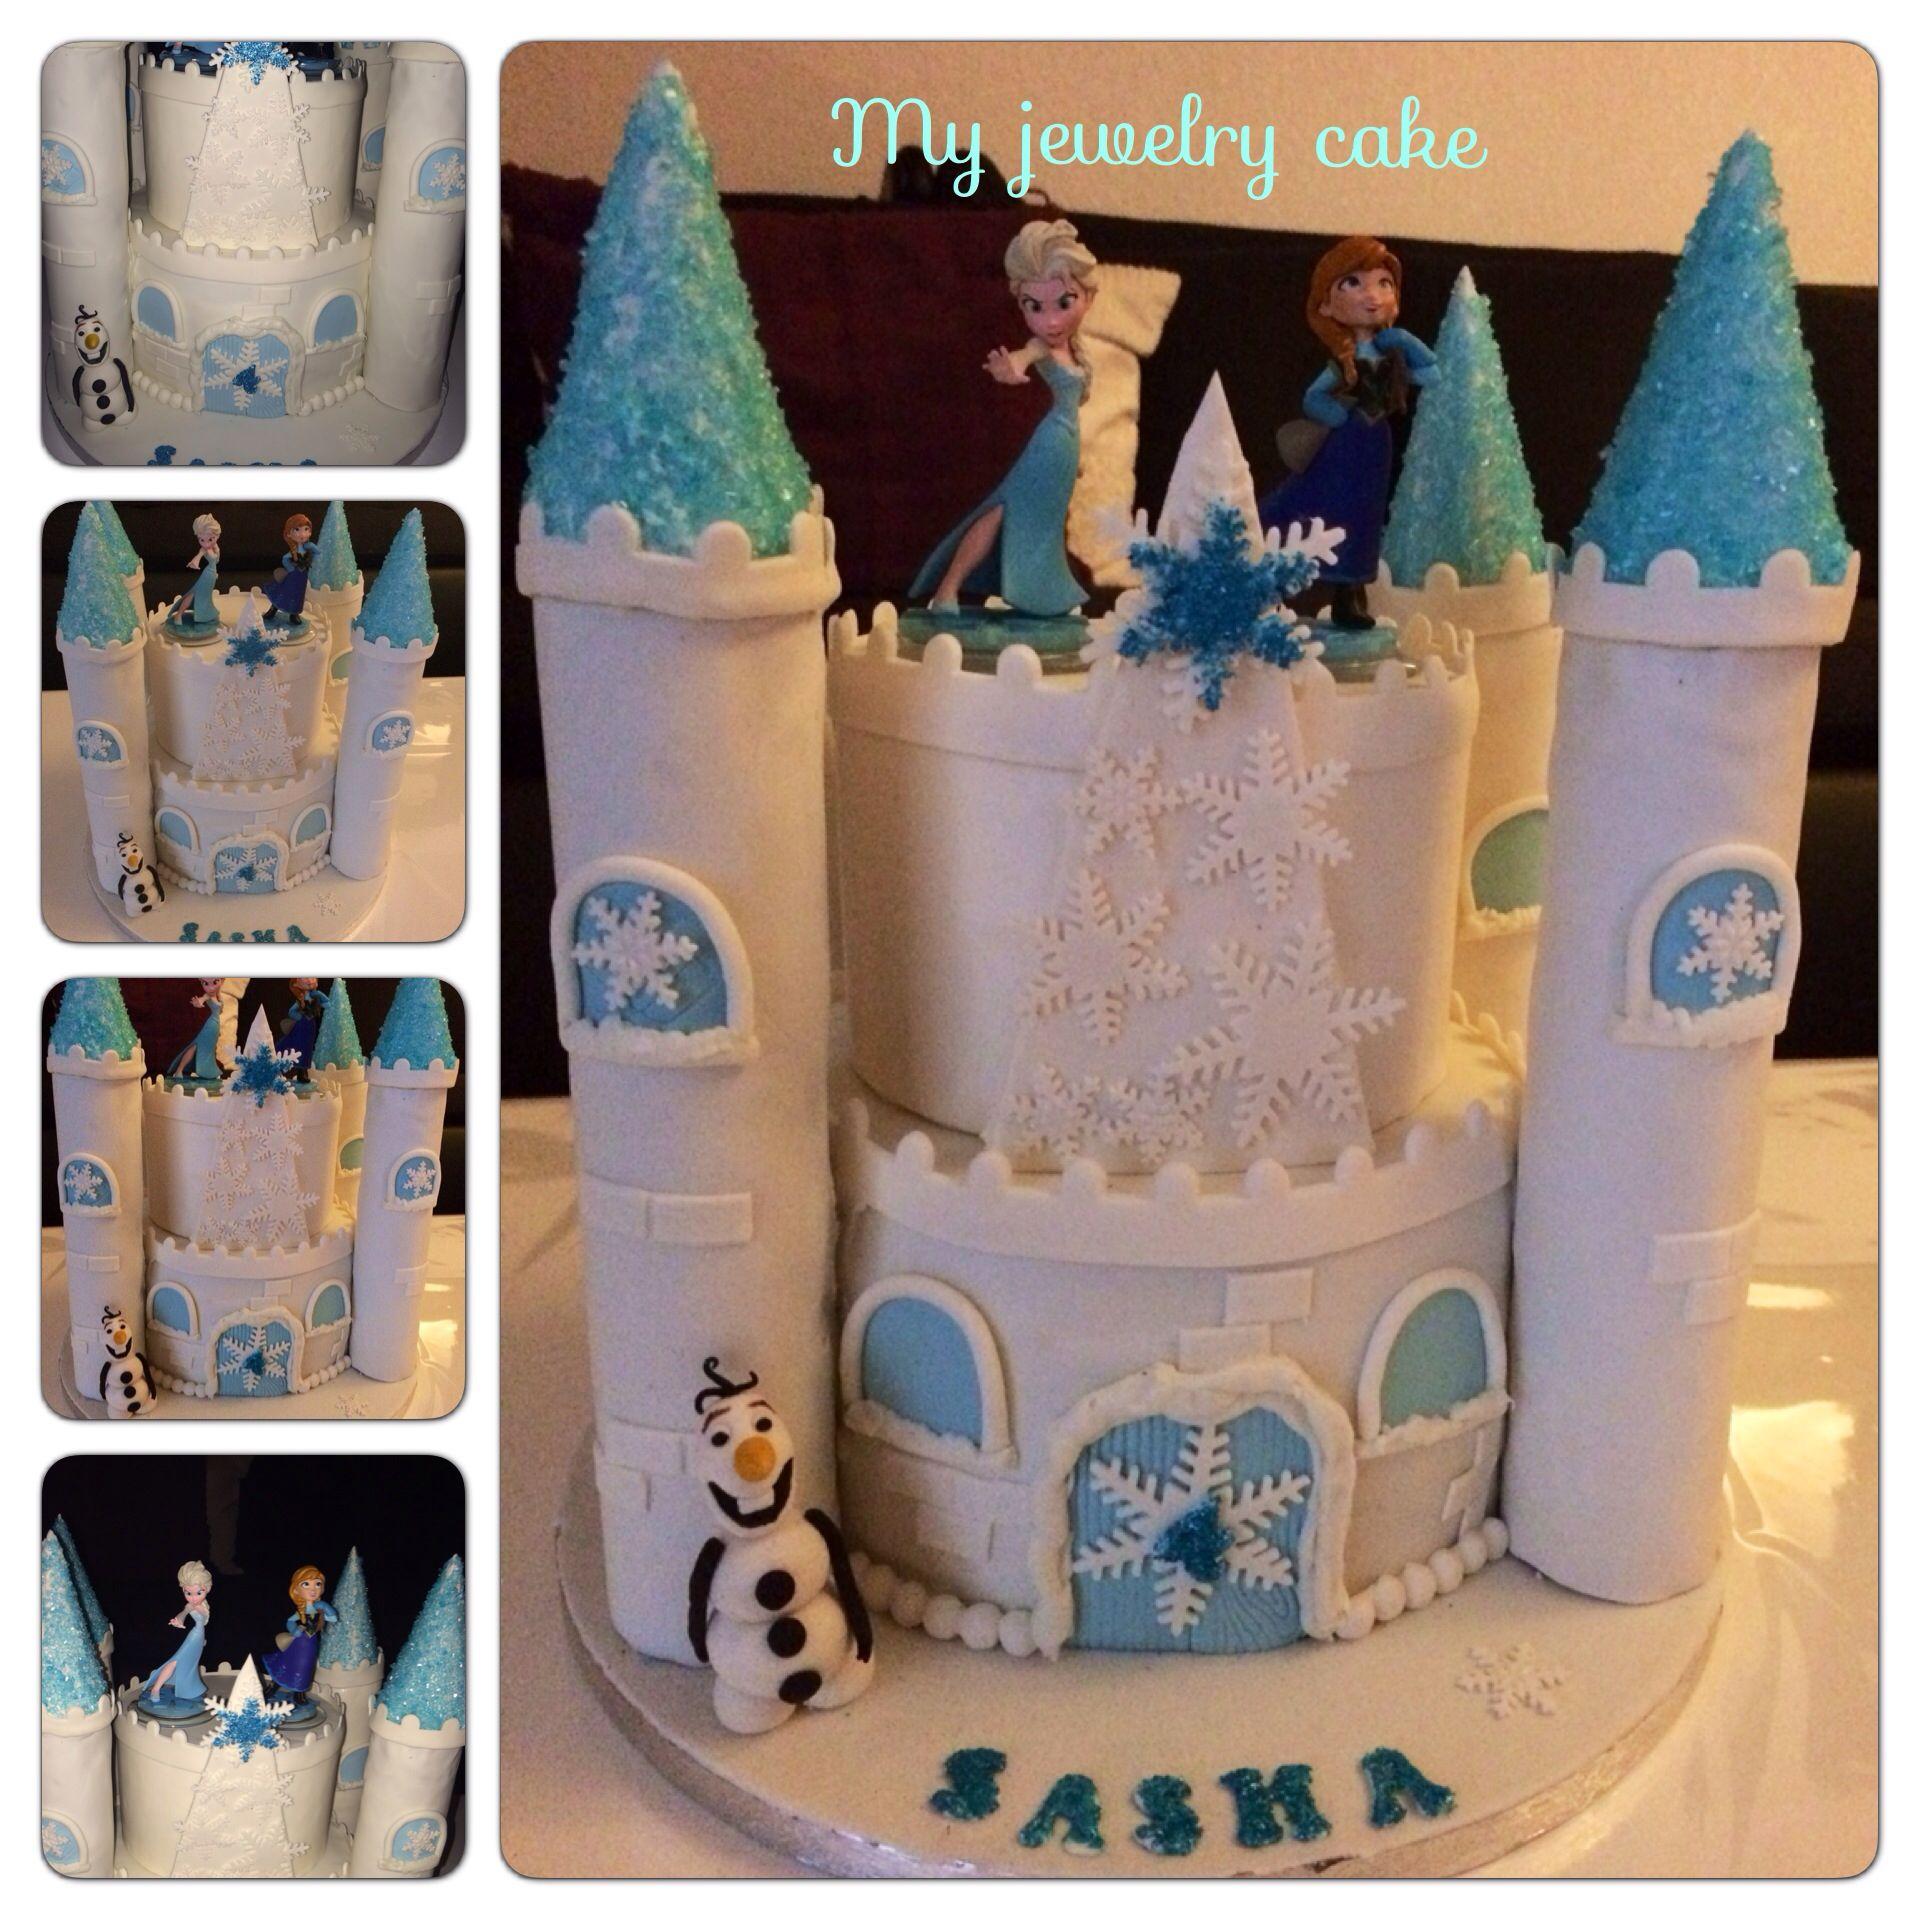 Chateau reine des neiges gateau petite fille cake design - Chateau de la reine des neige ...